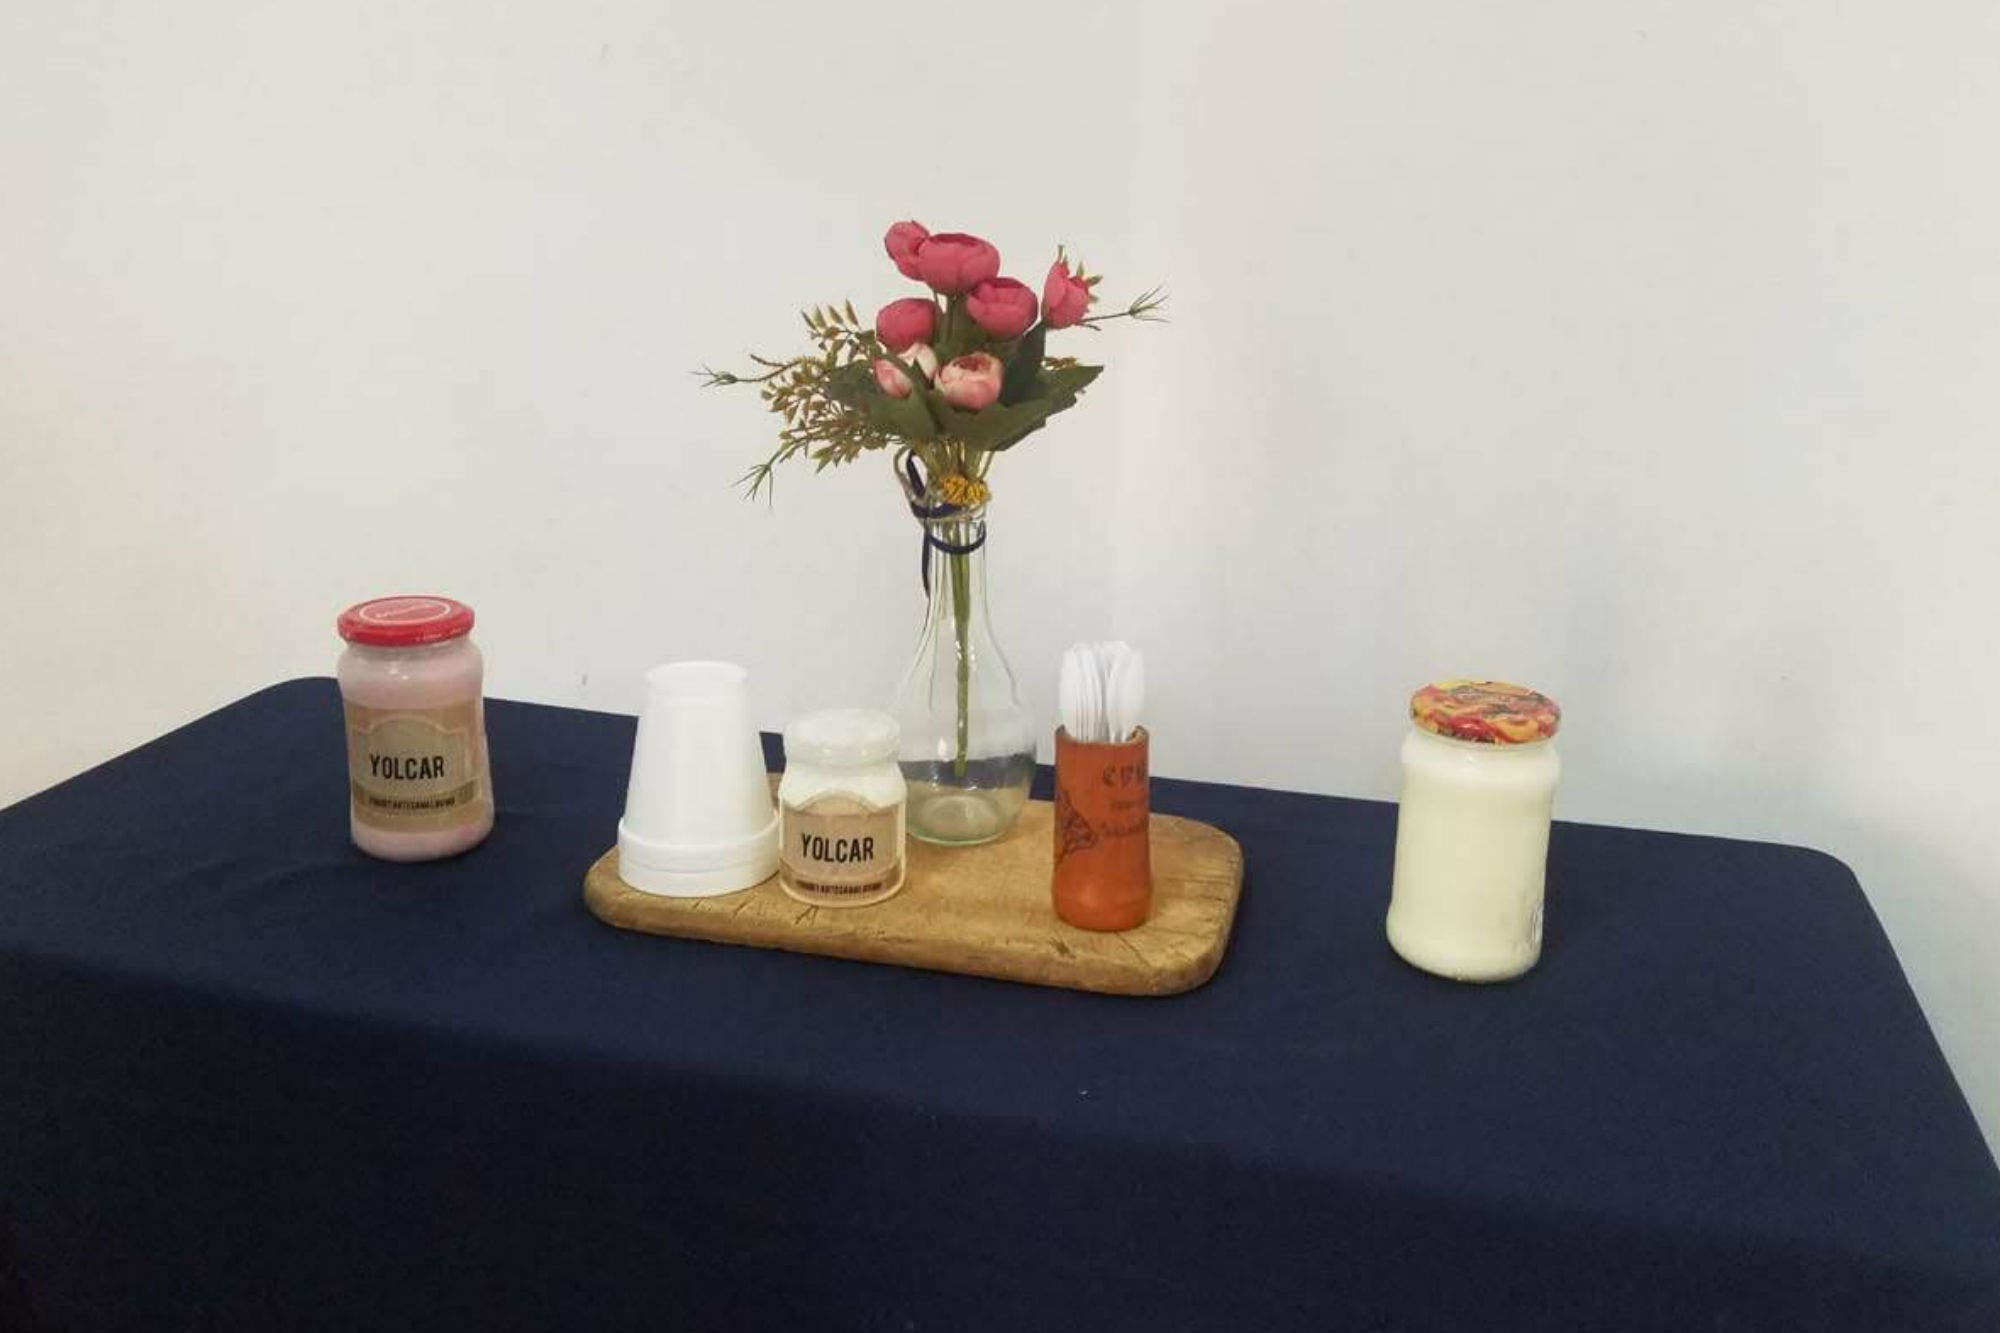 Del yogur ovino al reciclado: siete proyectos de alumnos de un centro de formación rural de Saladillo